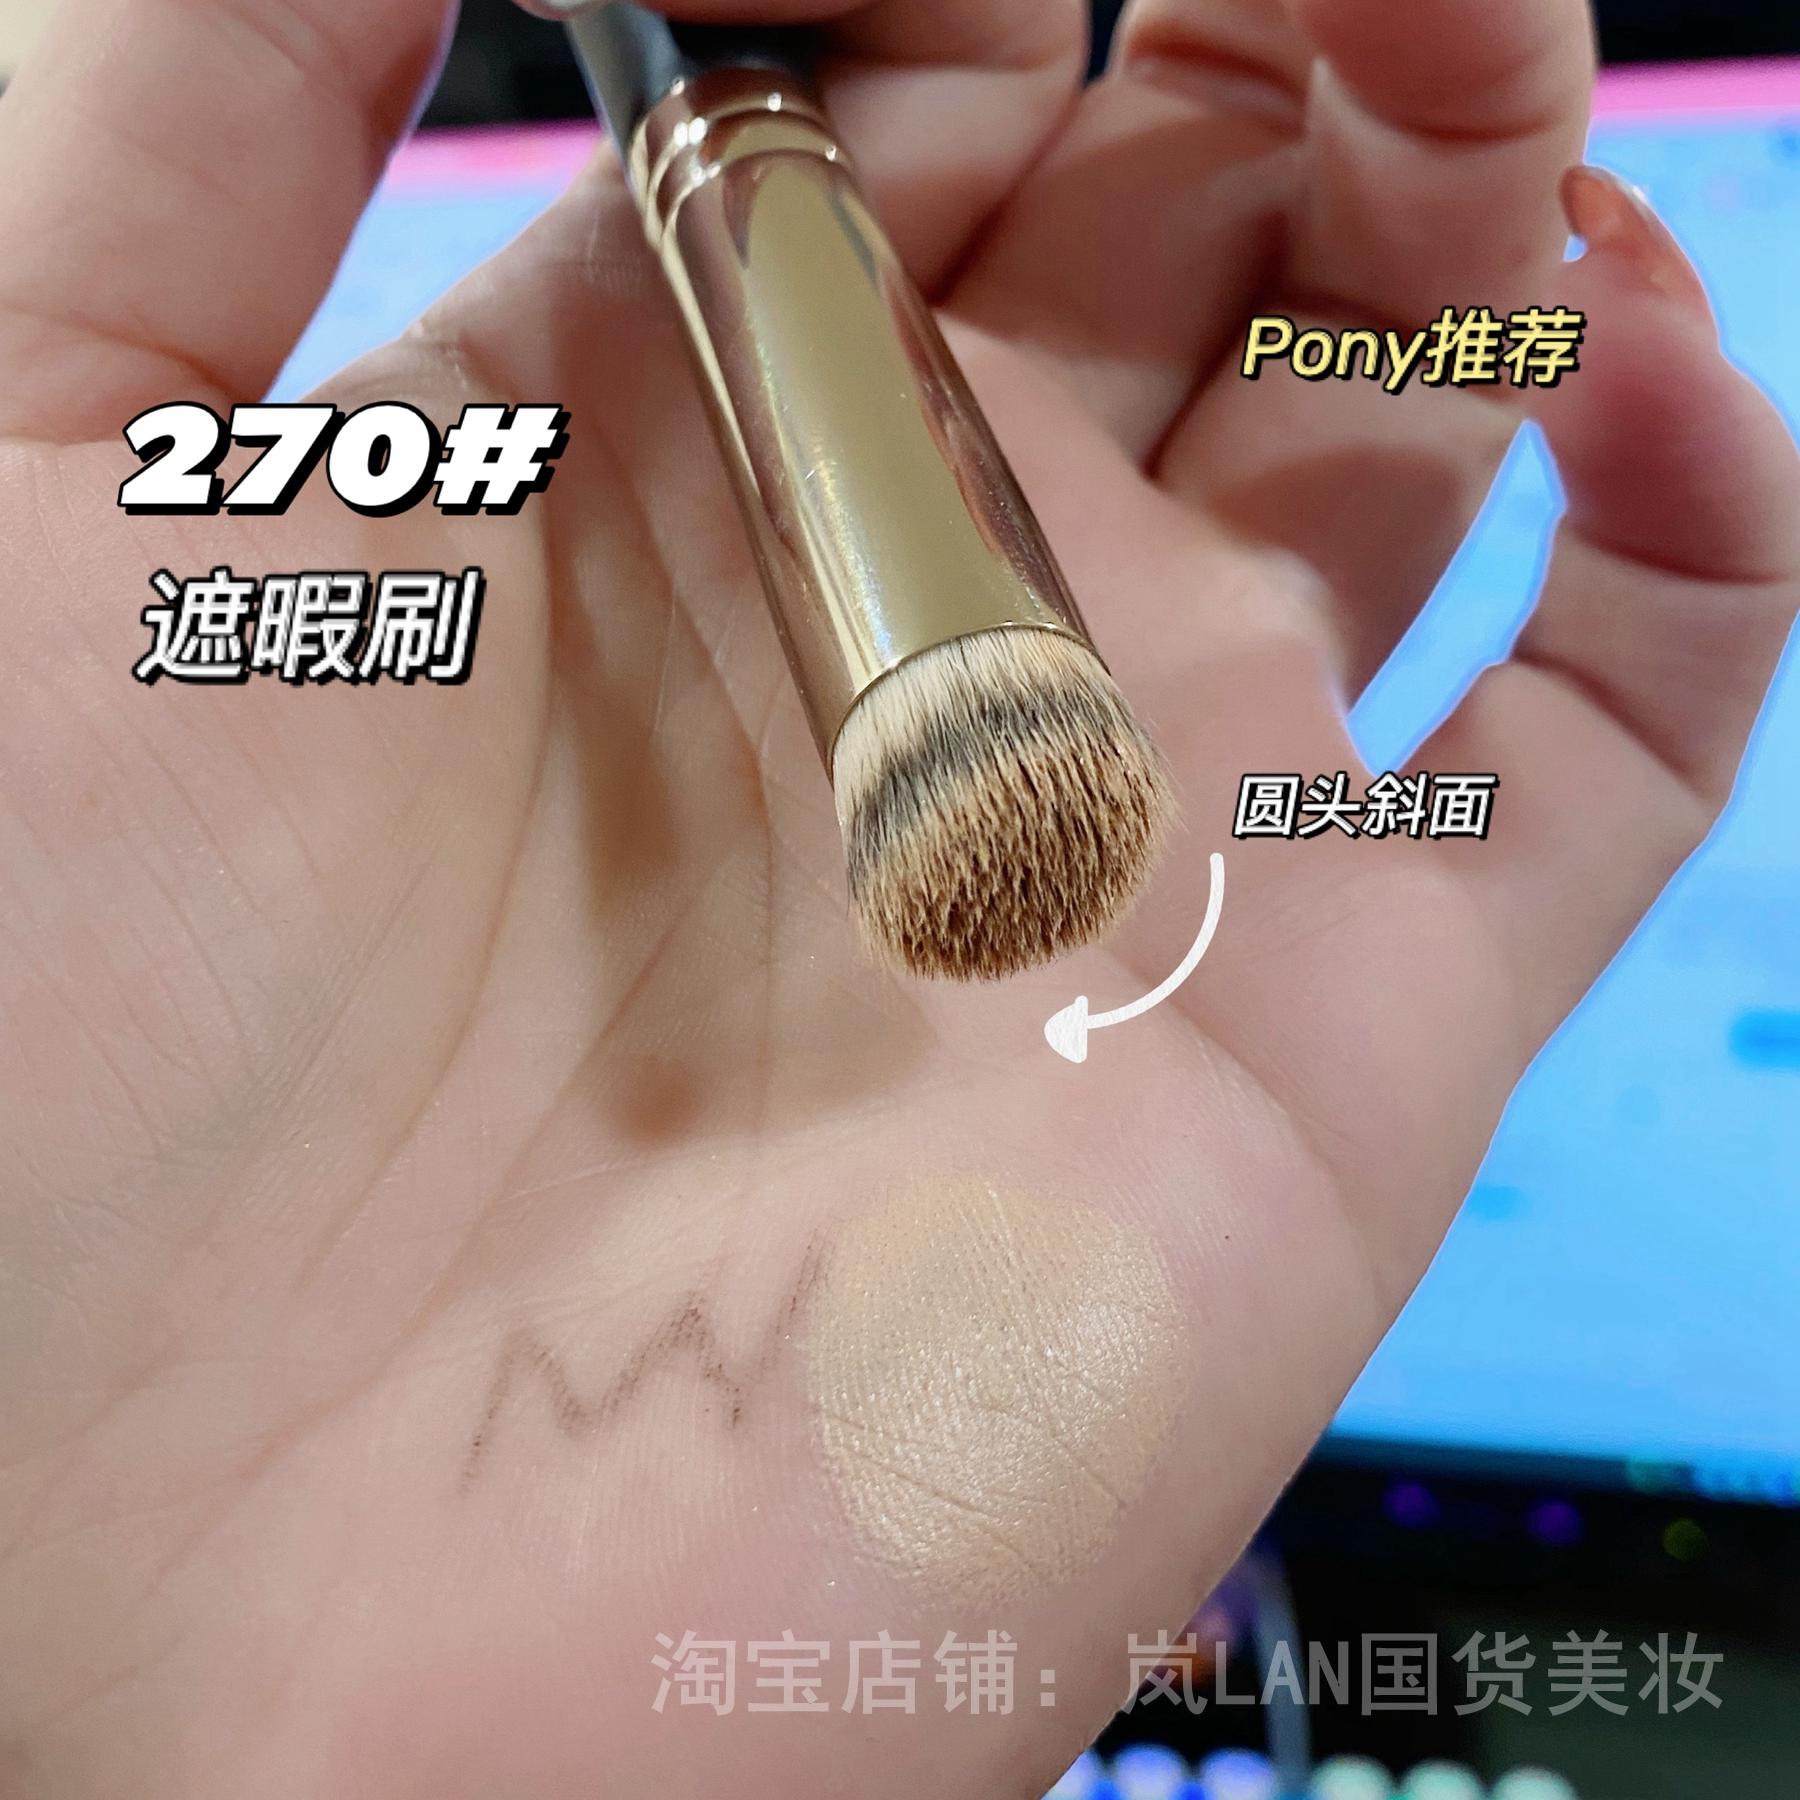 PONY推荐网红270遮瑕刷无刷痕不吃粉软毛粉底化妆刷